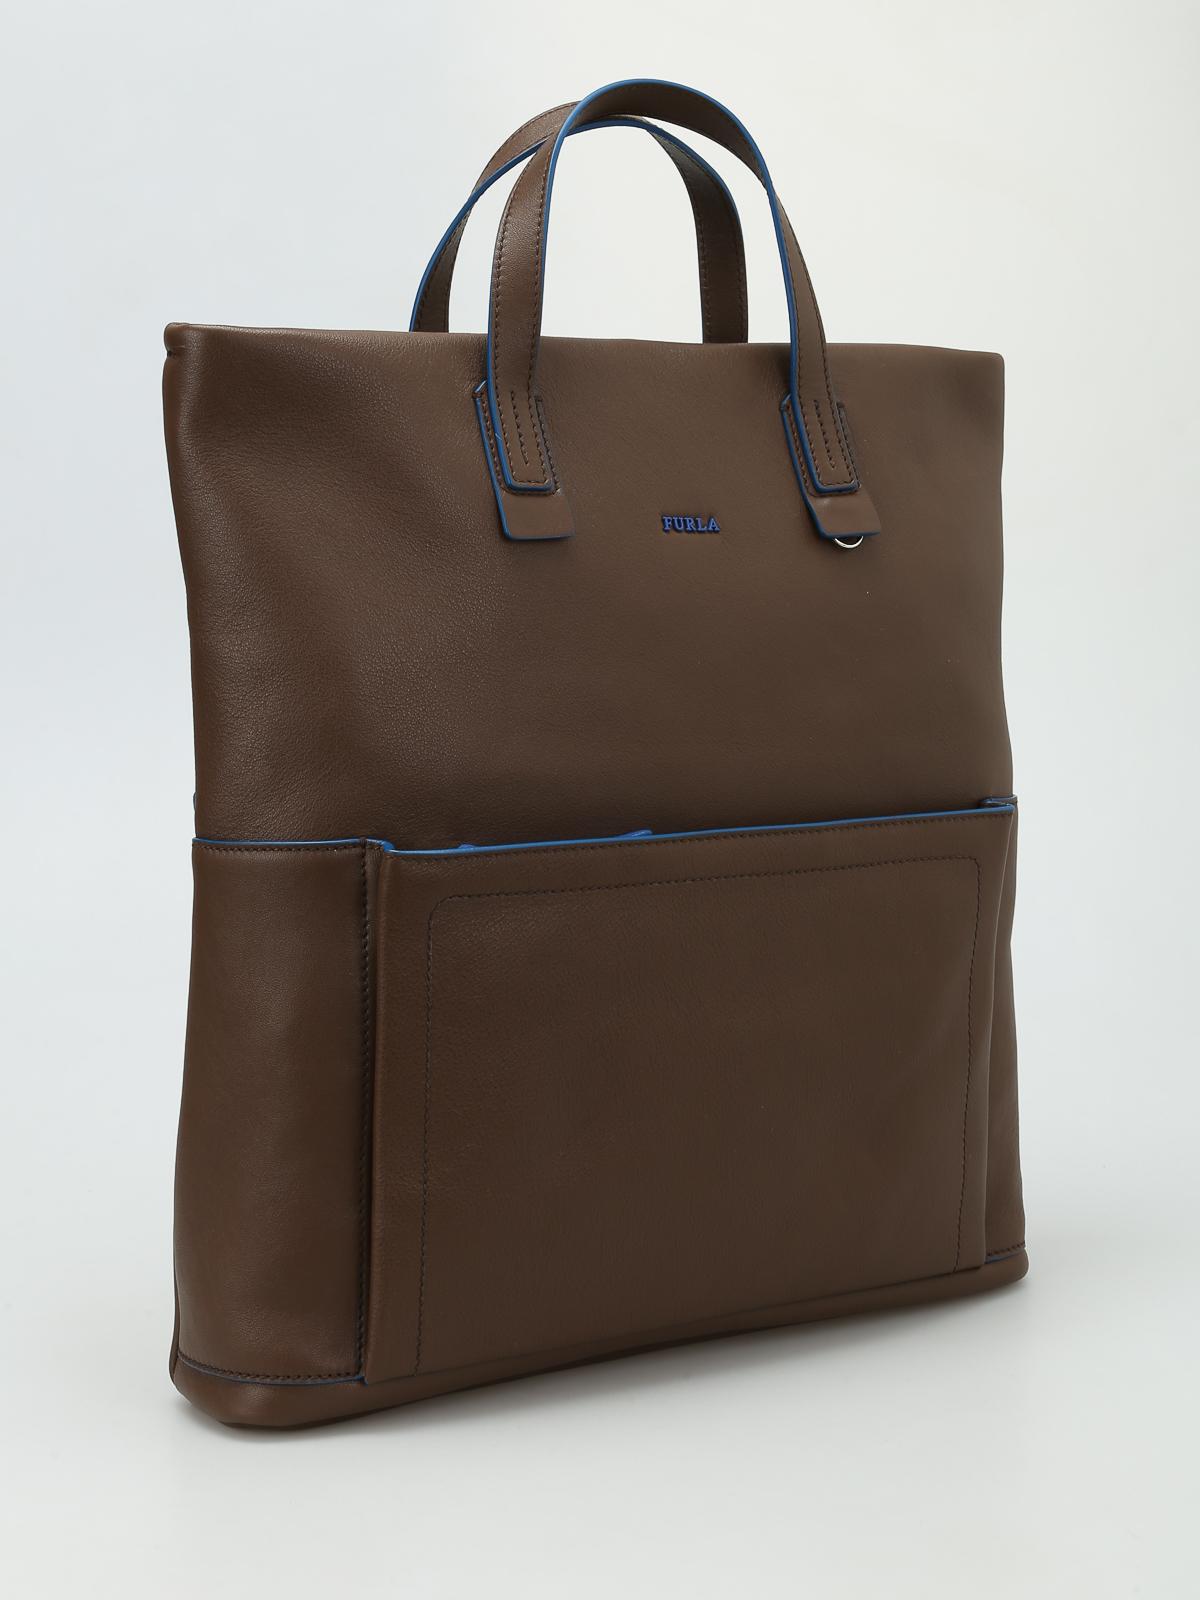 handtasche man icaro braun von furla handtaschen ikrix. Black Bedroom Furniture Sets. Home Design Ideas